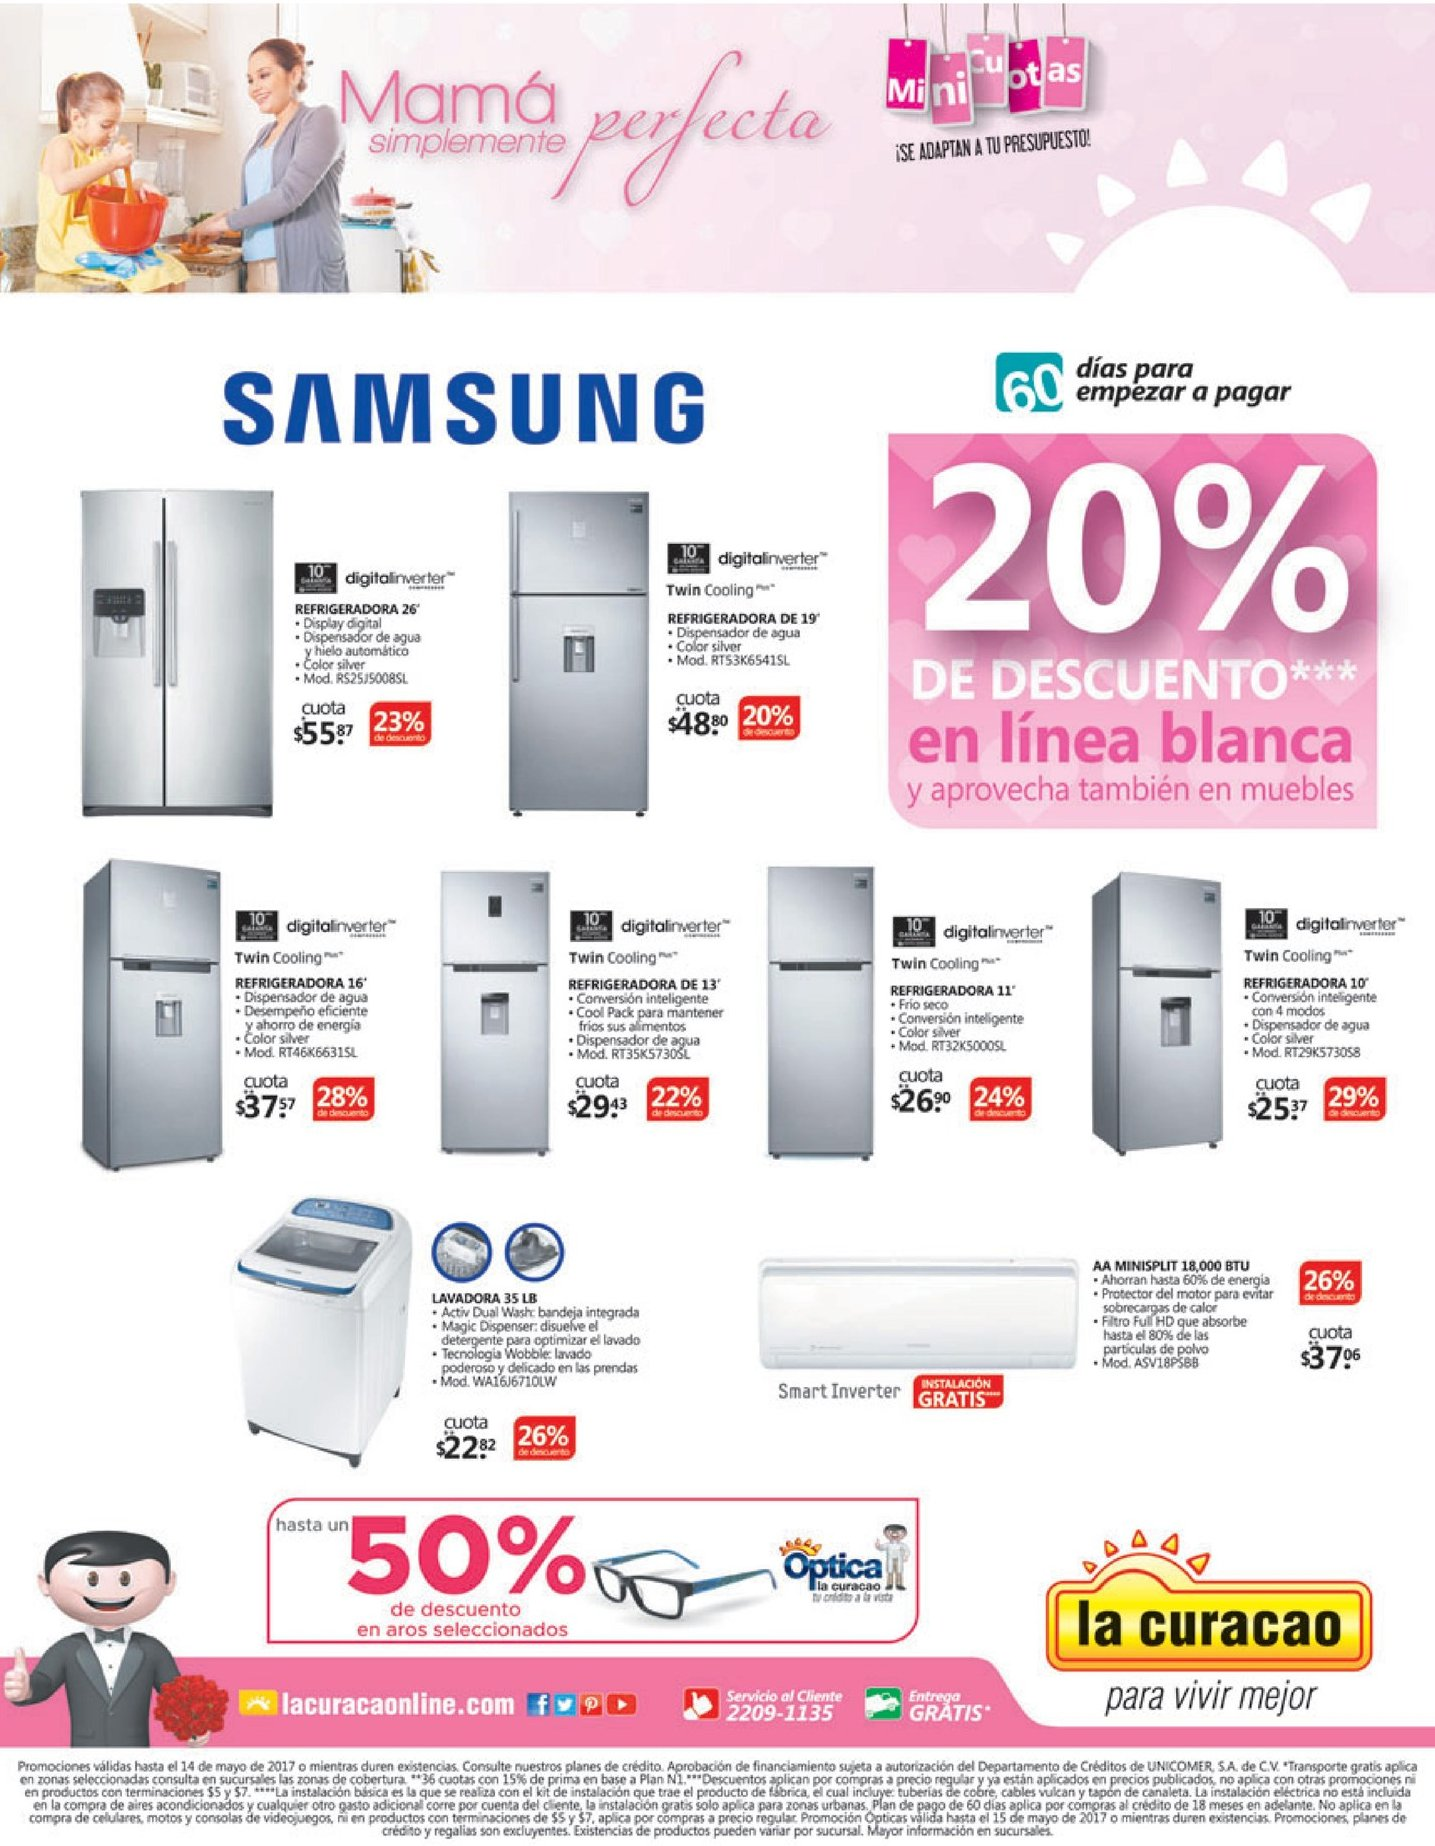 SAMSUNG appliance descuentos y ofertas la curacao